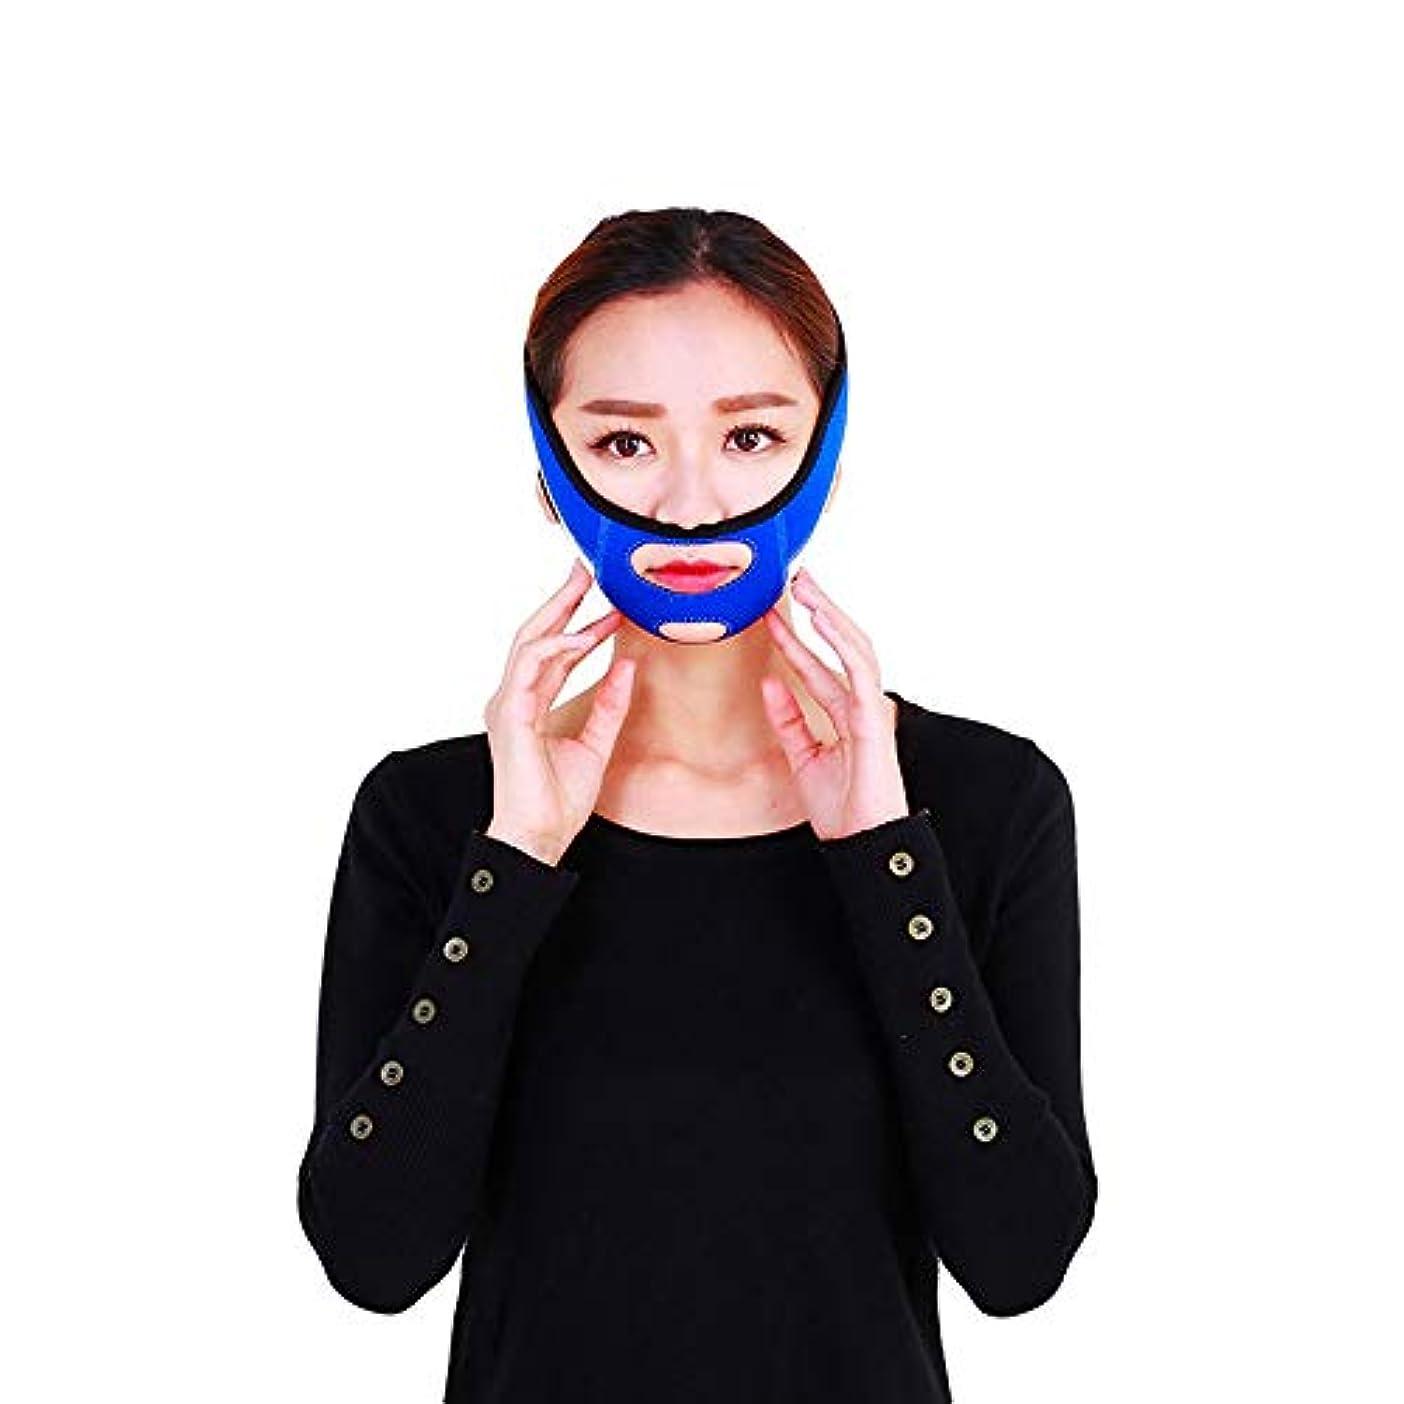 雑草内向き報いるMinmin フェイシャルリフティング痩身ベルトフェーススリム二重あごを取り除くアンチエイジングリンクルフェイス包帯マスク整形マスクが顔を引き締める みんみんVラインフェイスマスク